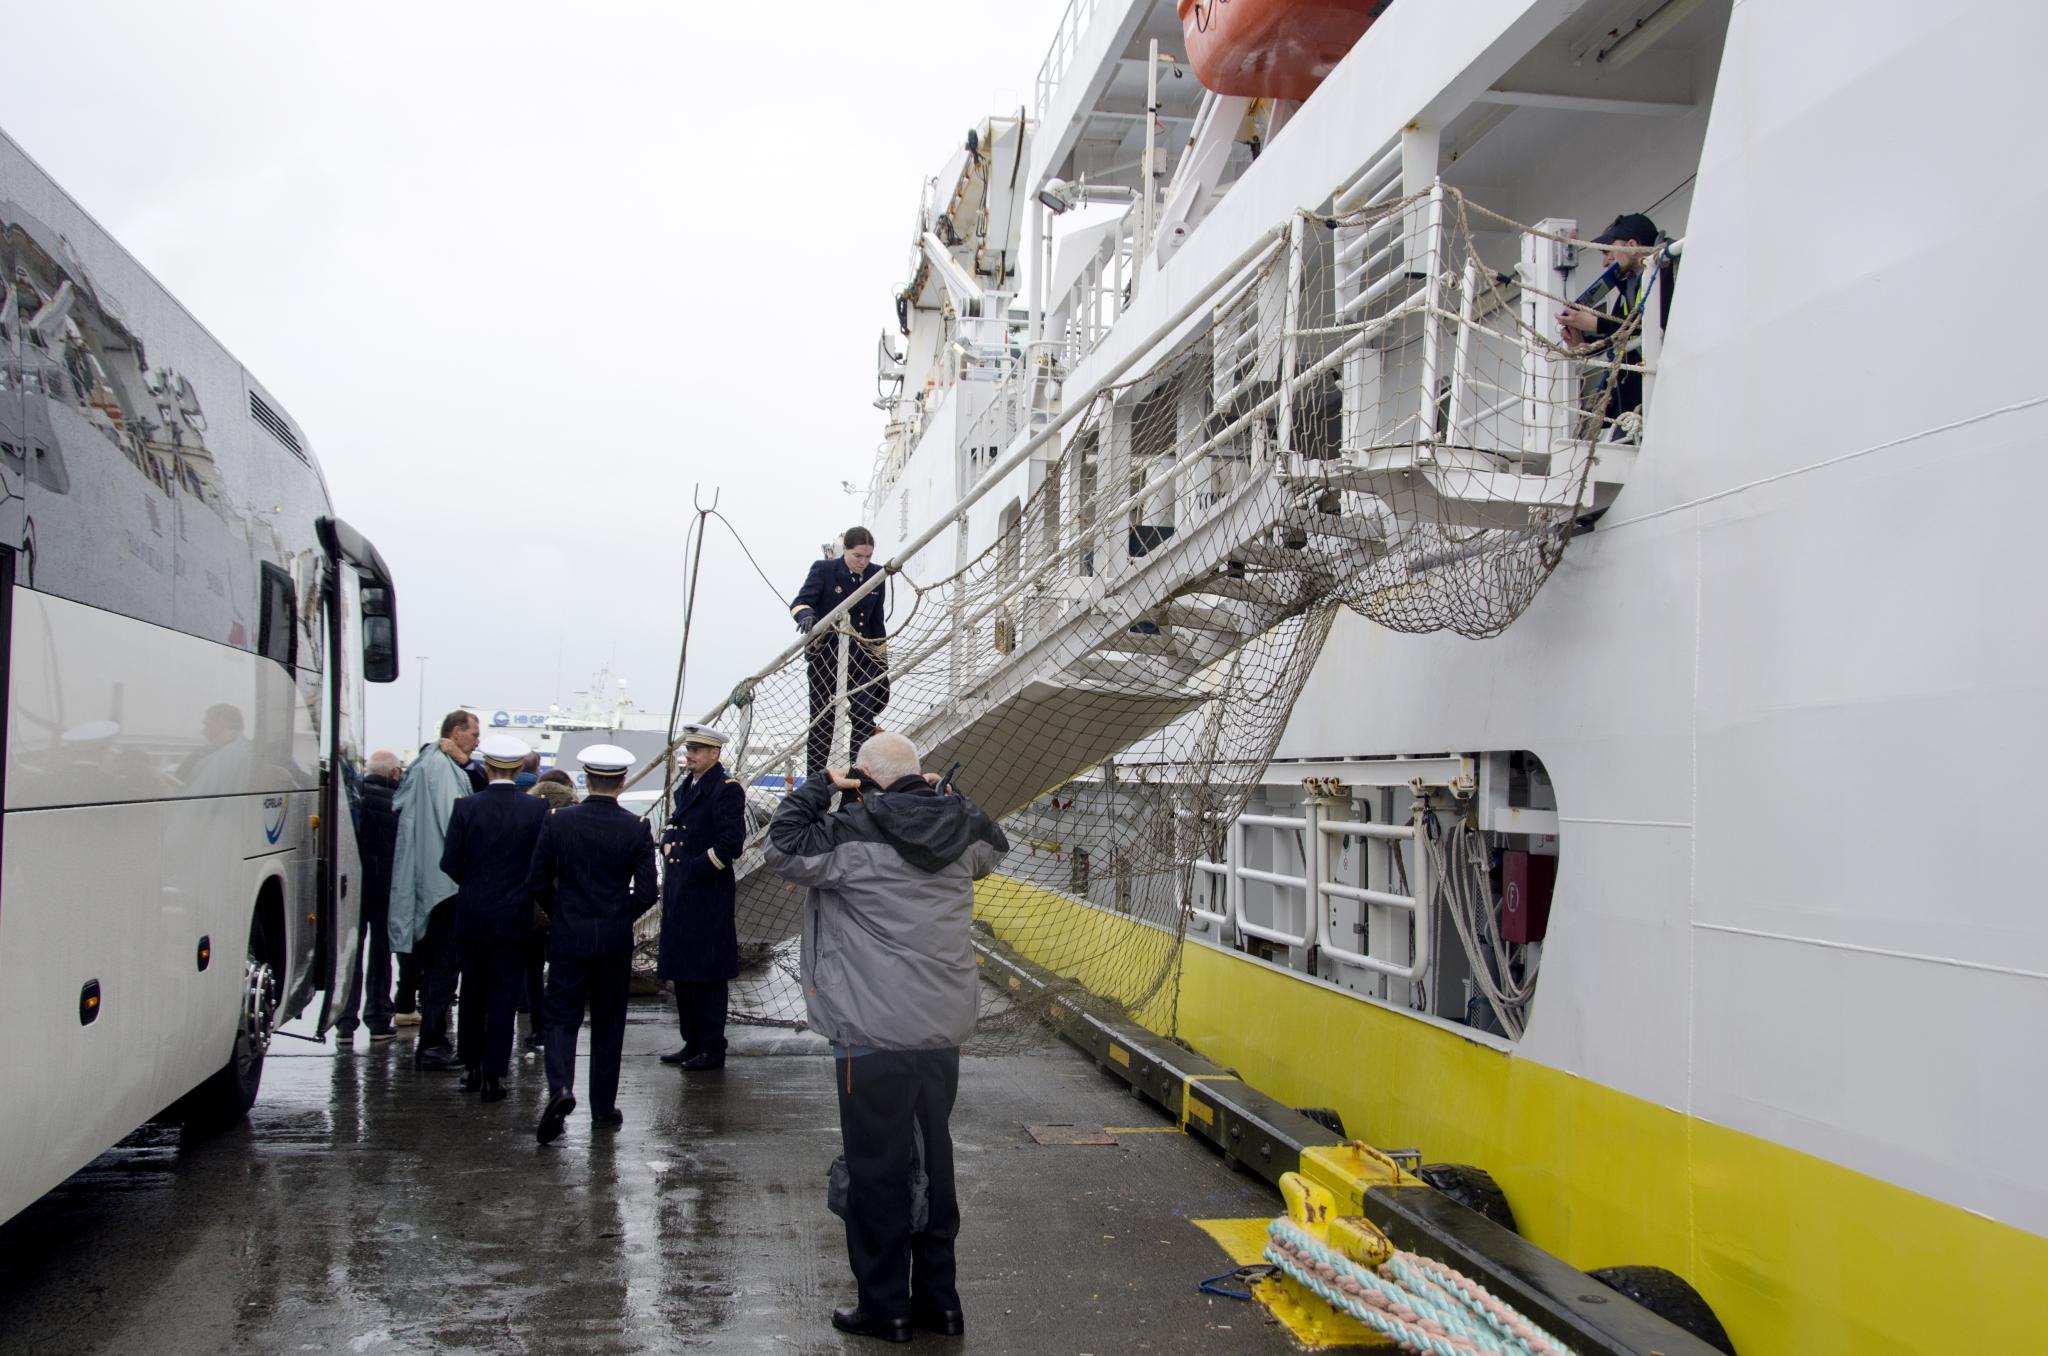 jean-baptiste charcot,commémorations,80 ans,naufrage,trois-mâts,polaire,le pourquoi-pas,aventure,mer,marin,drame,histoire,anniversaire